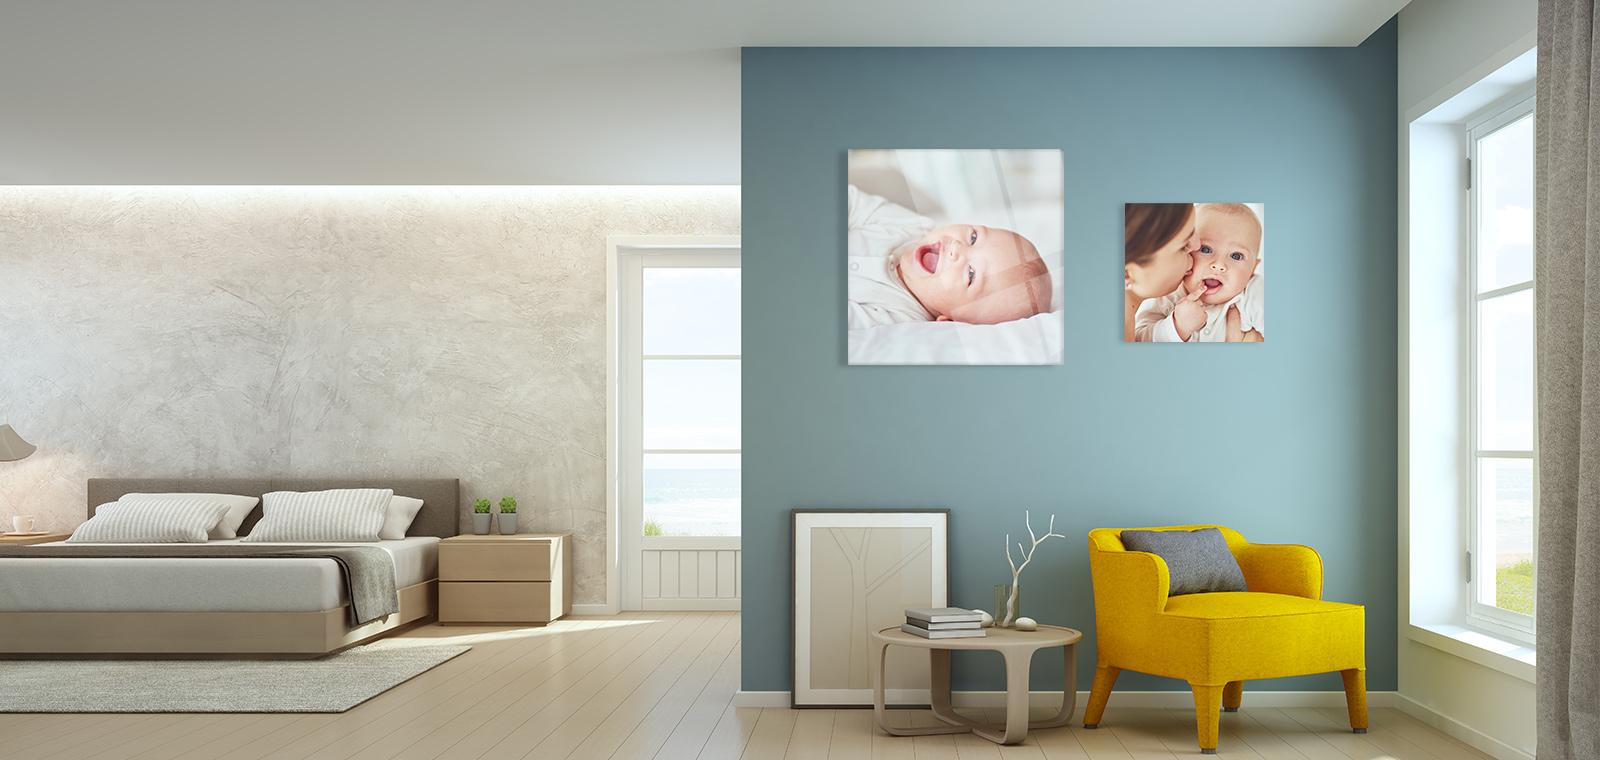 Foto lienzos y cuadros personalizados - Cuadros fotos personalizados ...